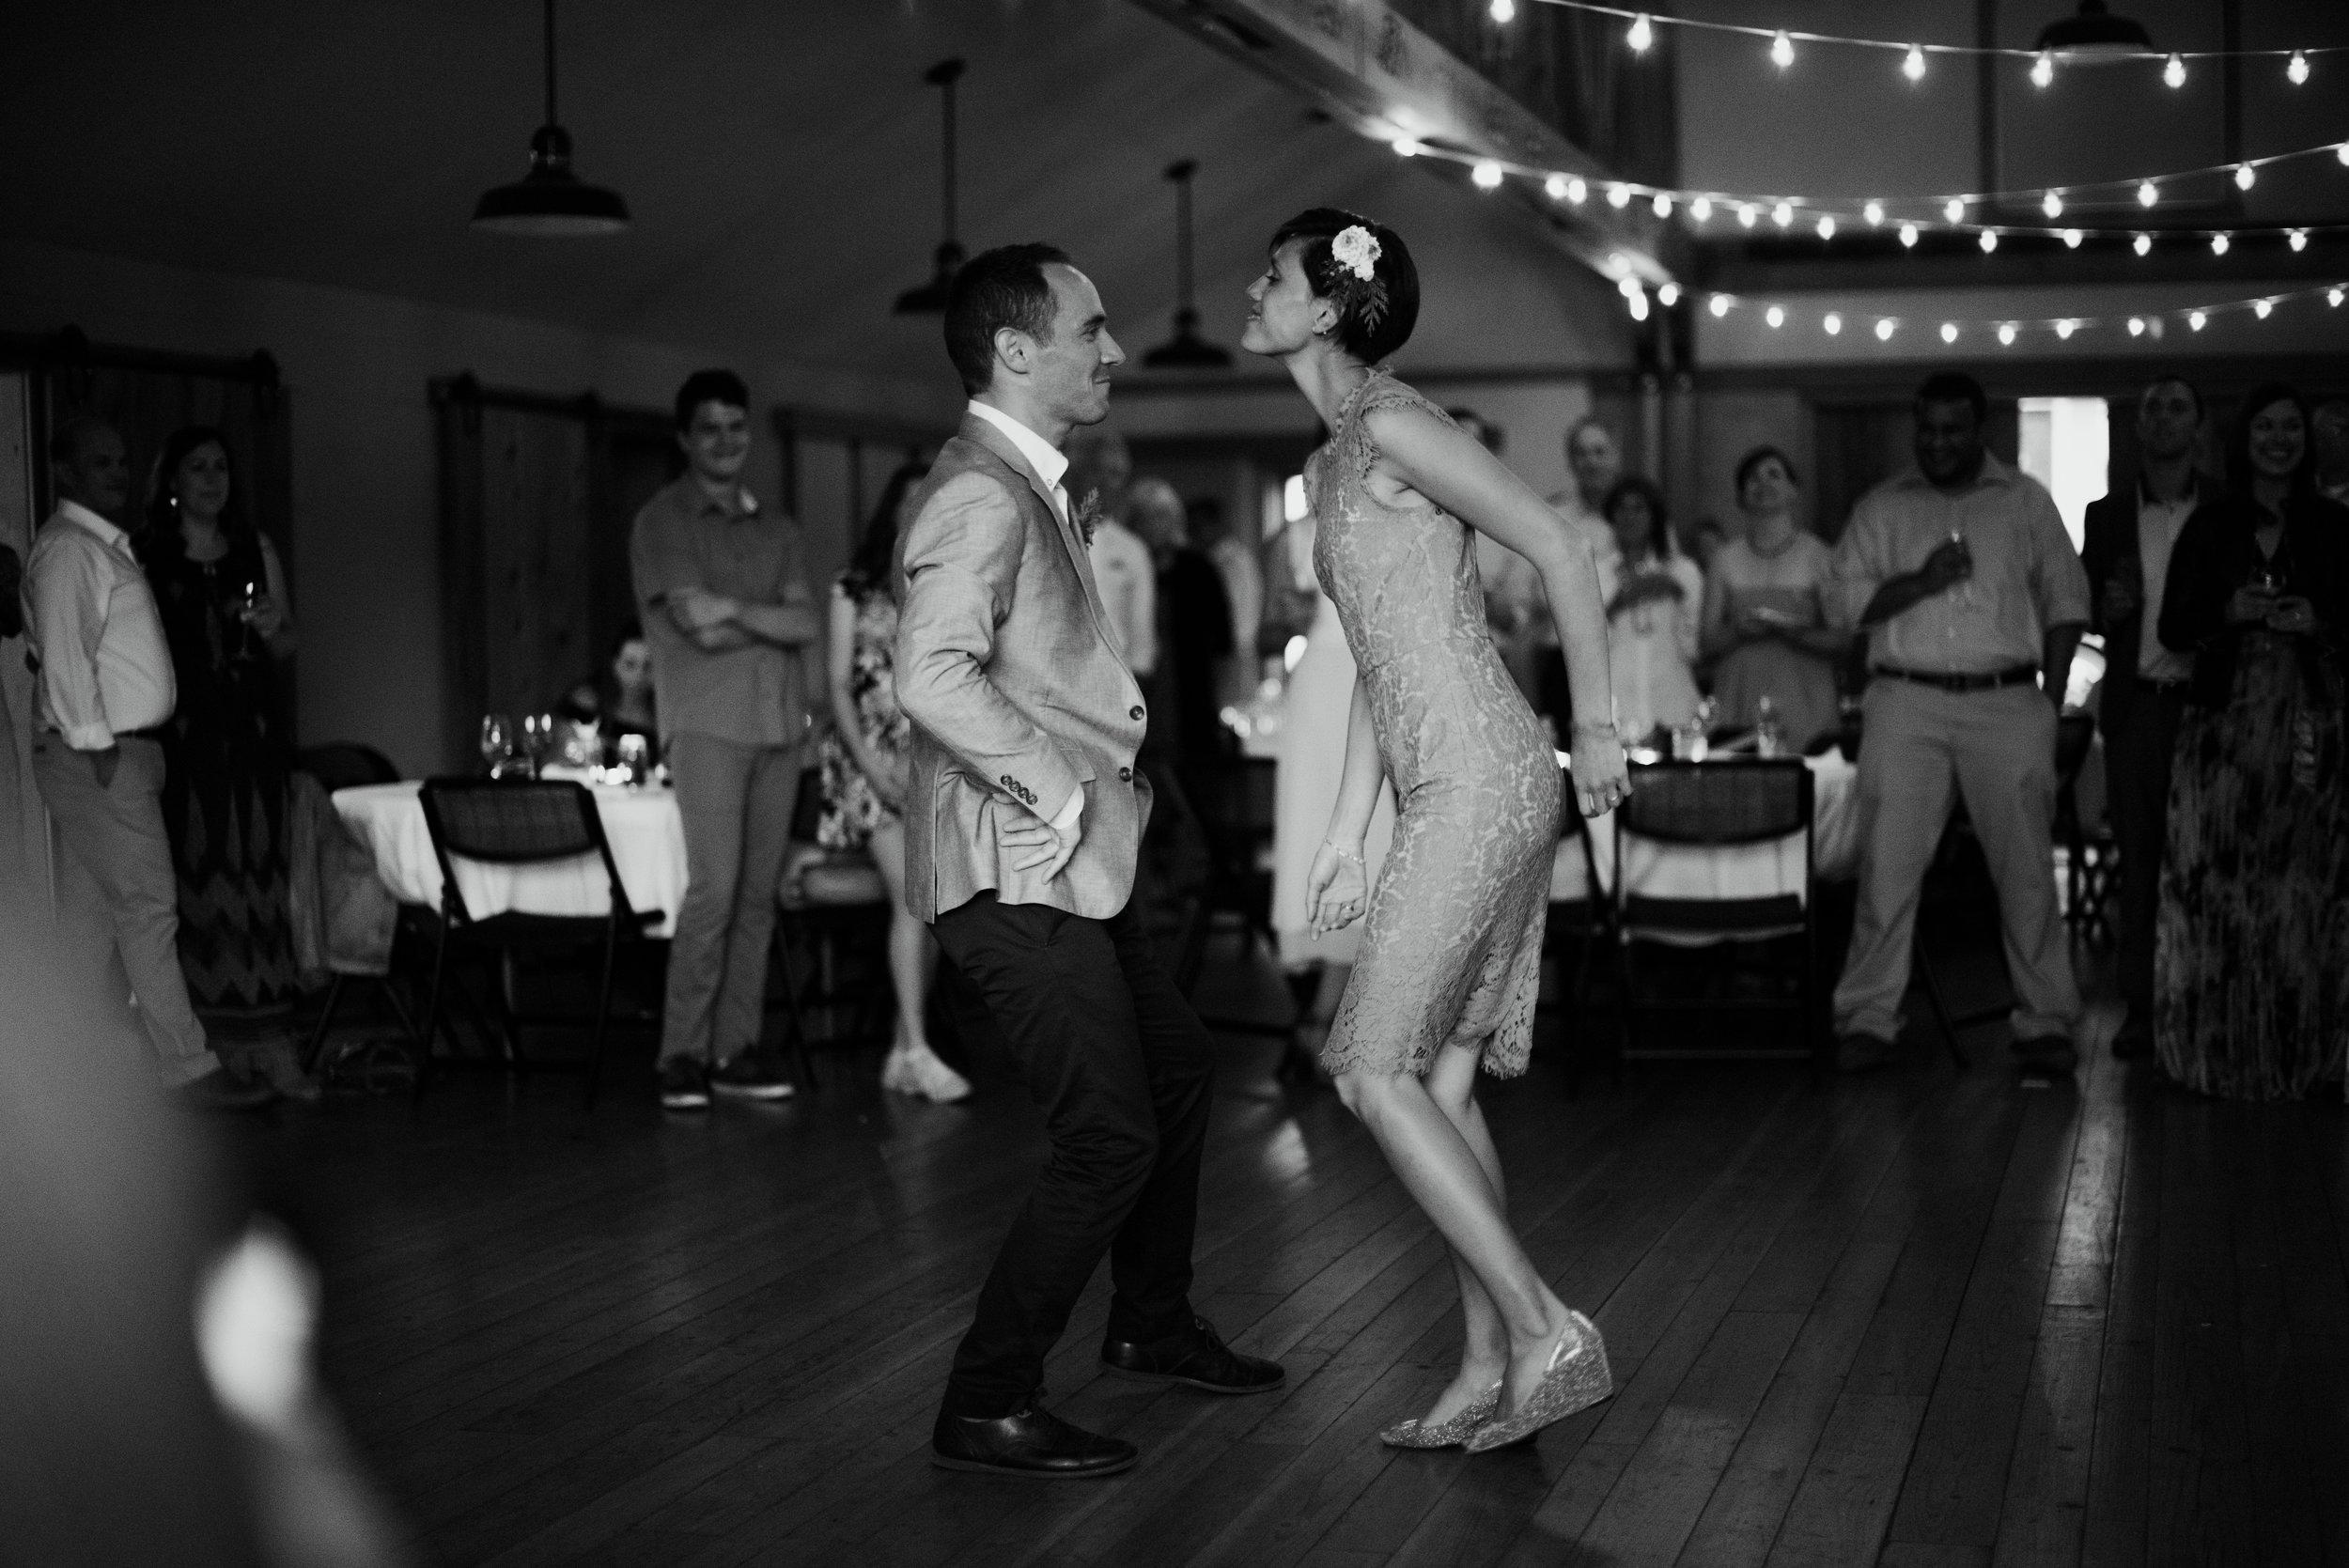 10 Dancing-7143-2.jpg